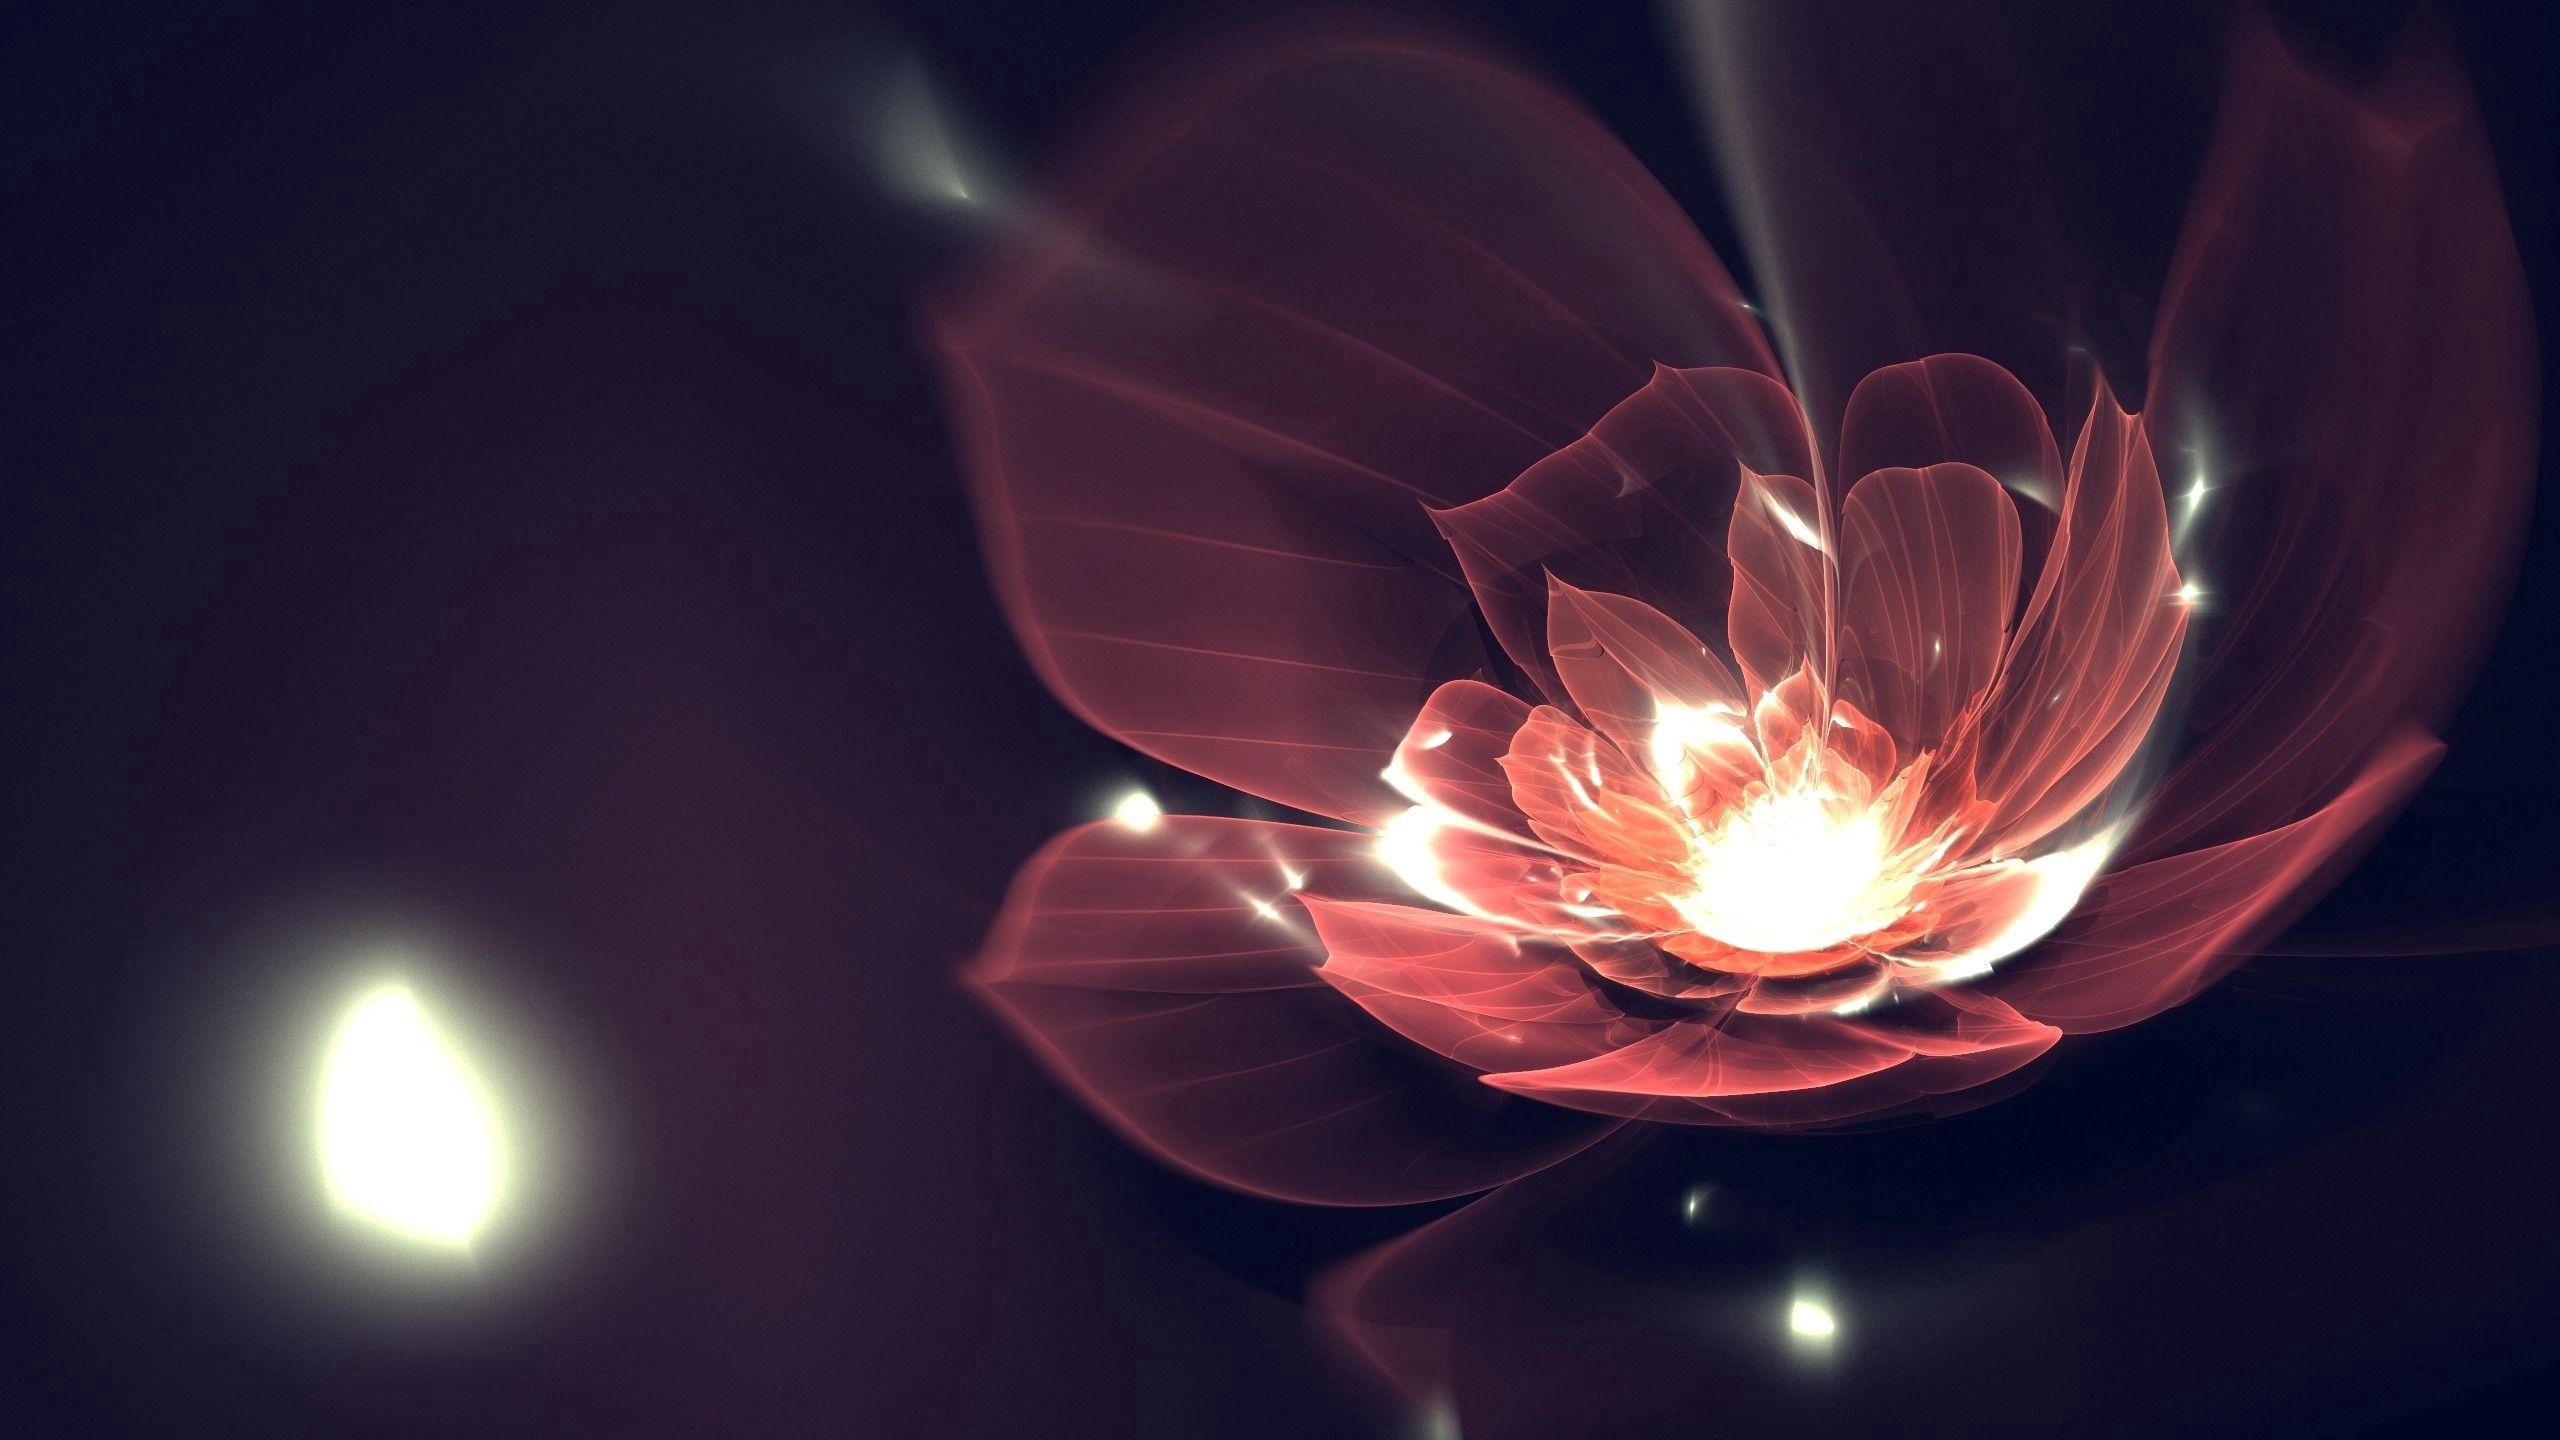 69831 Hintergrundbild herunterladen Abstrakt, Hintergrund, Blume, Dunkel, Scheinen, Linien, Brillanz - Bildschirmschoner und Bilder kostenlos